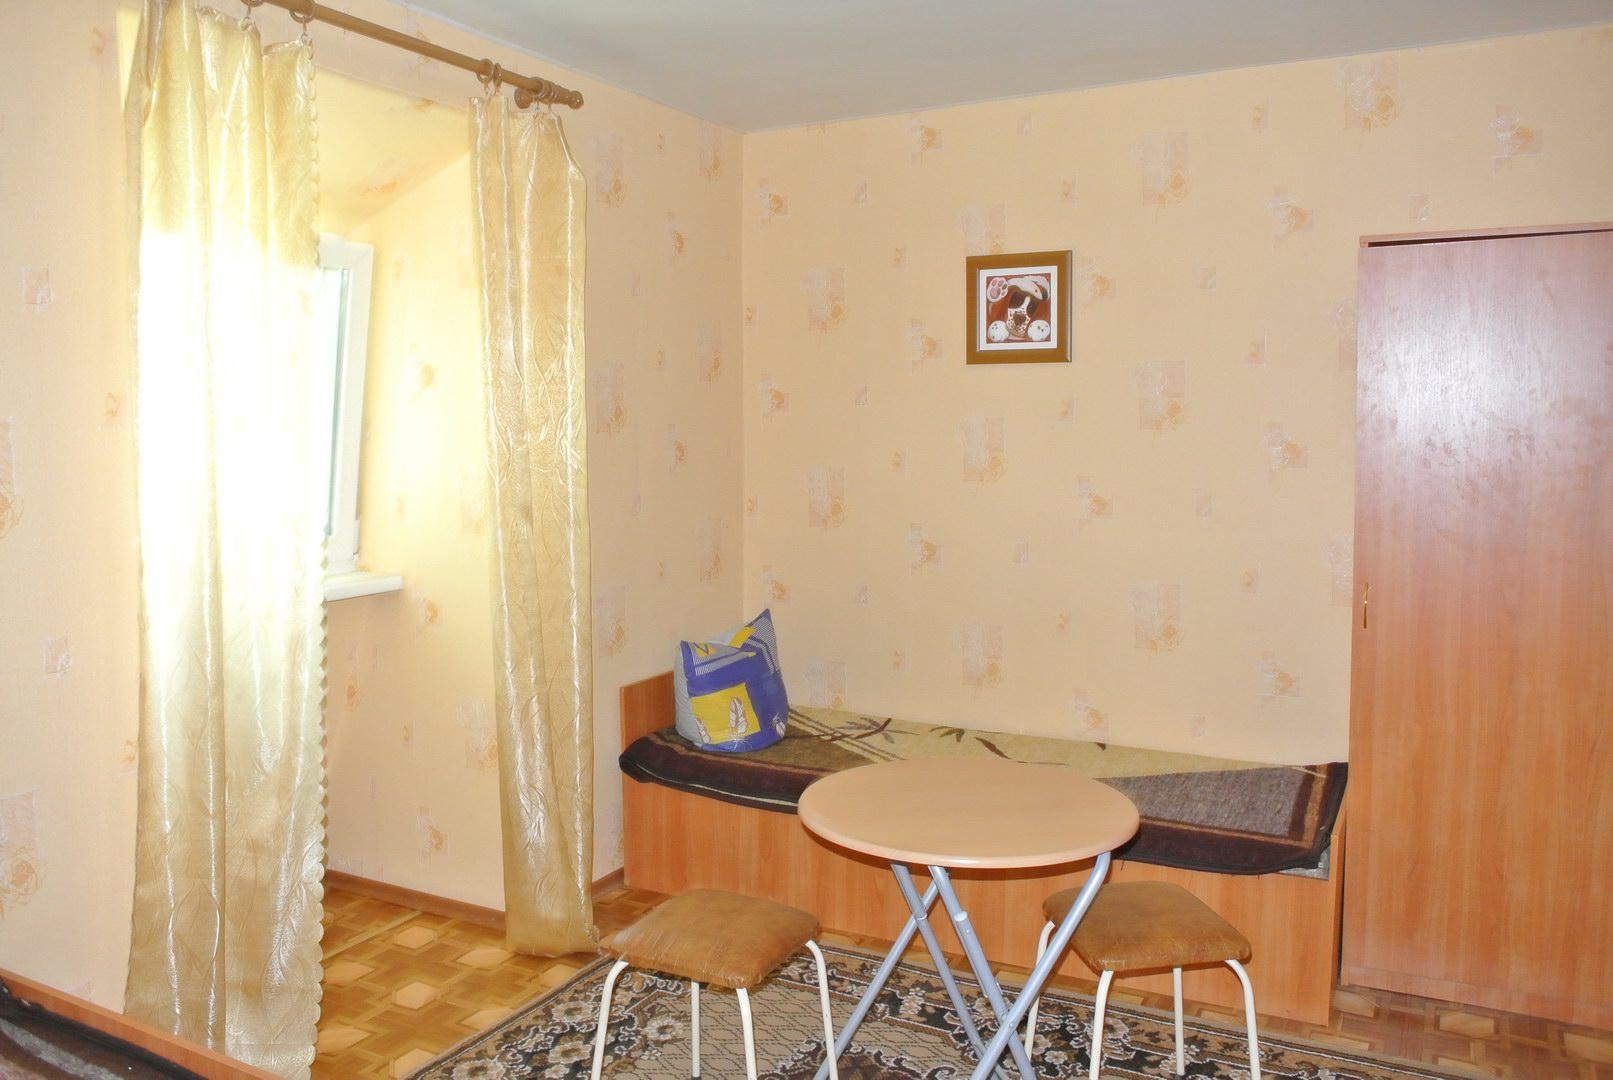 Частный комплекс отдыха «Светлое» на курорте Приморское 4928